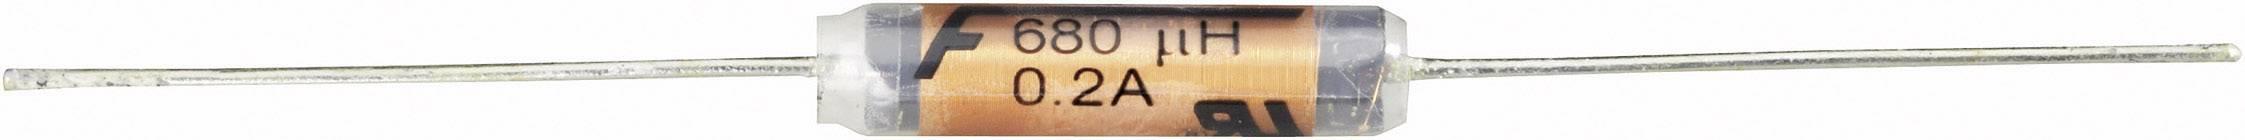 Cievka axiálne vývody Fastron MESC-101M-01, 100 µH, 1 A, 10 %, 1 ks